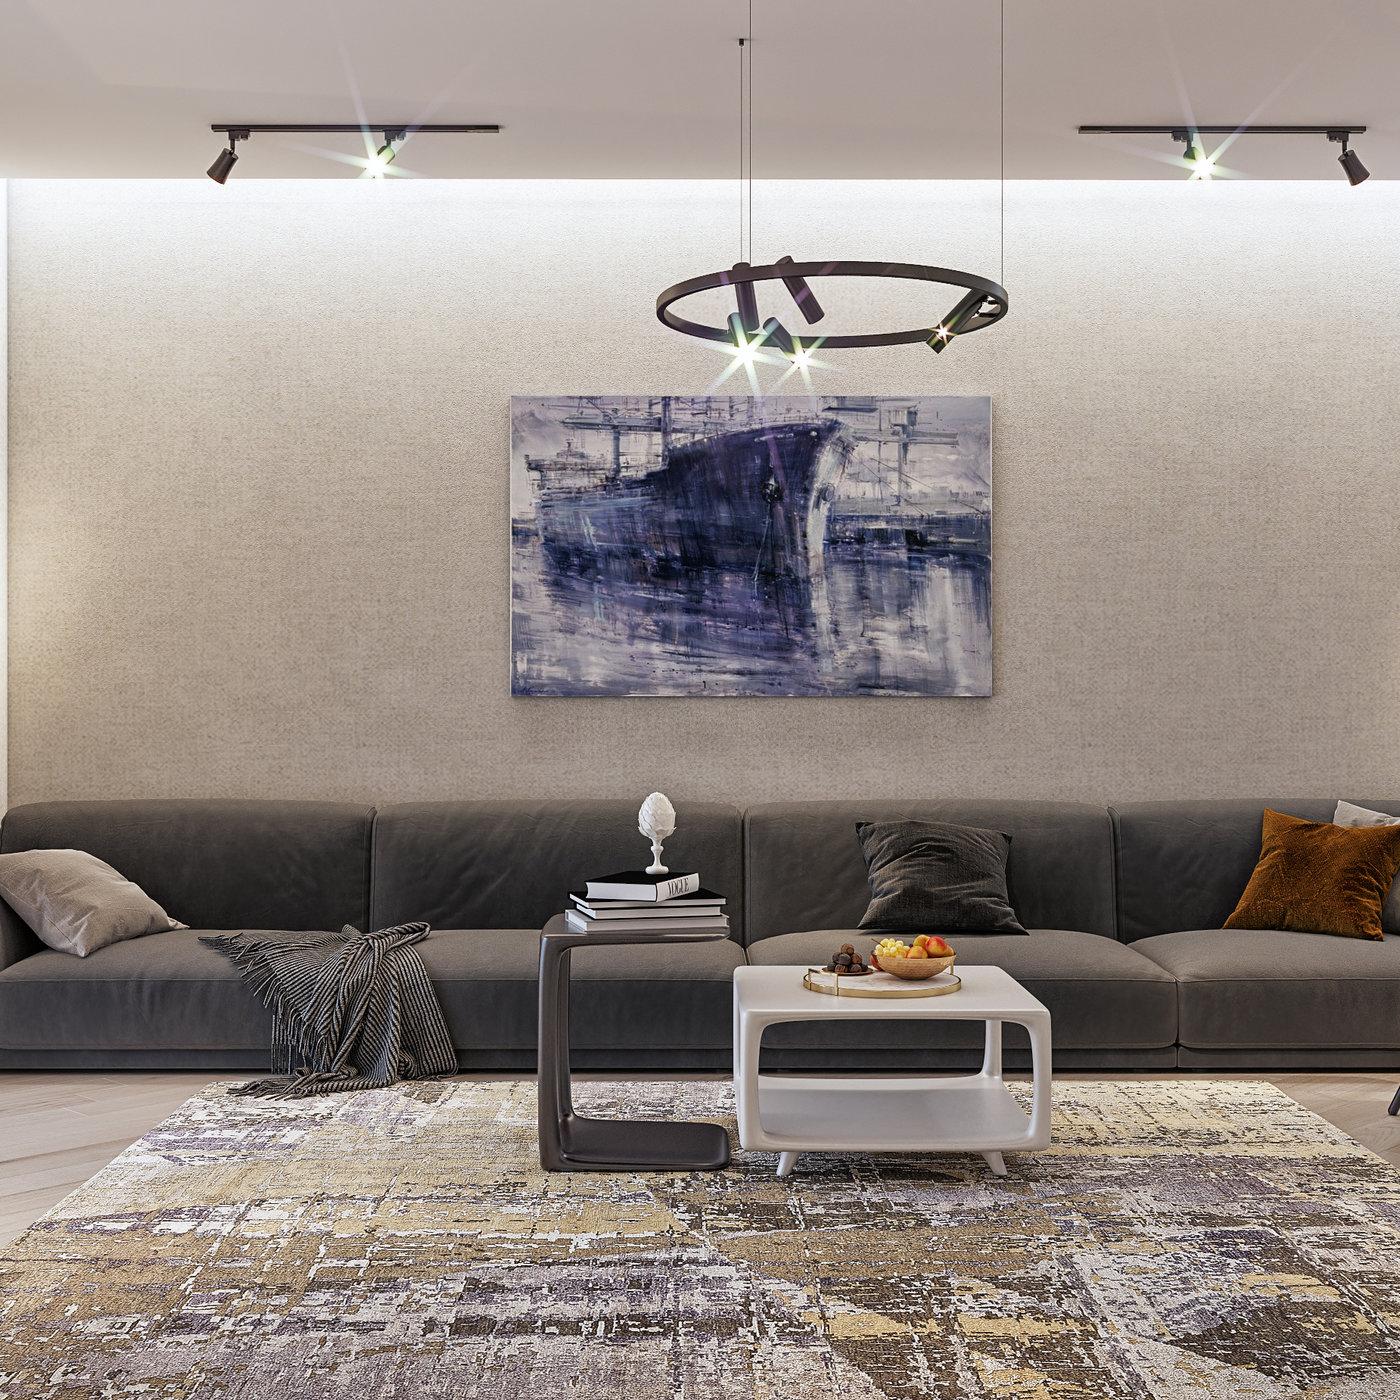 Luxury №777 apartment in Singapore 2